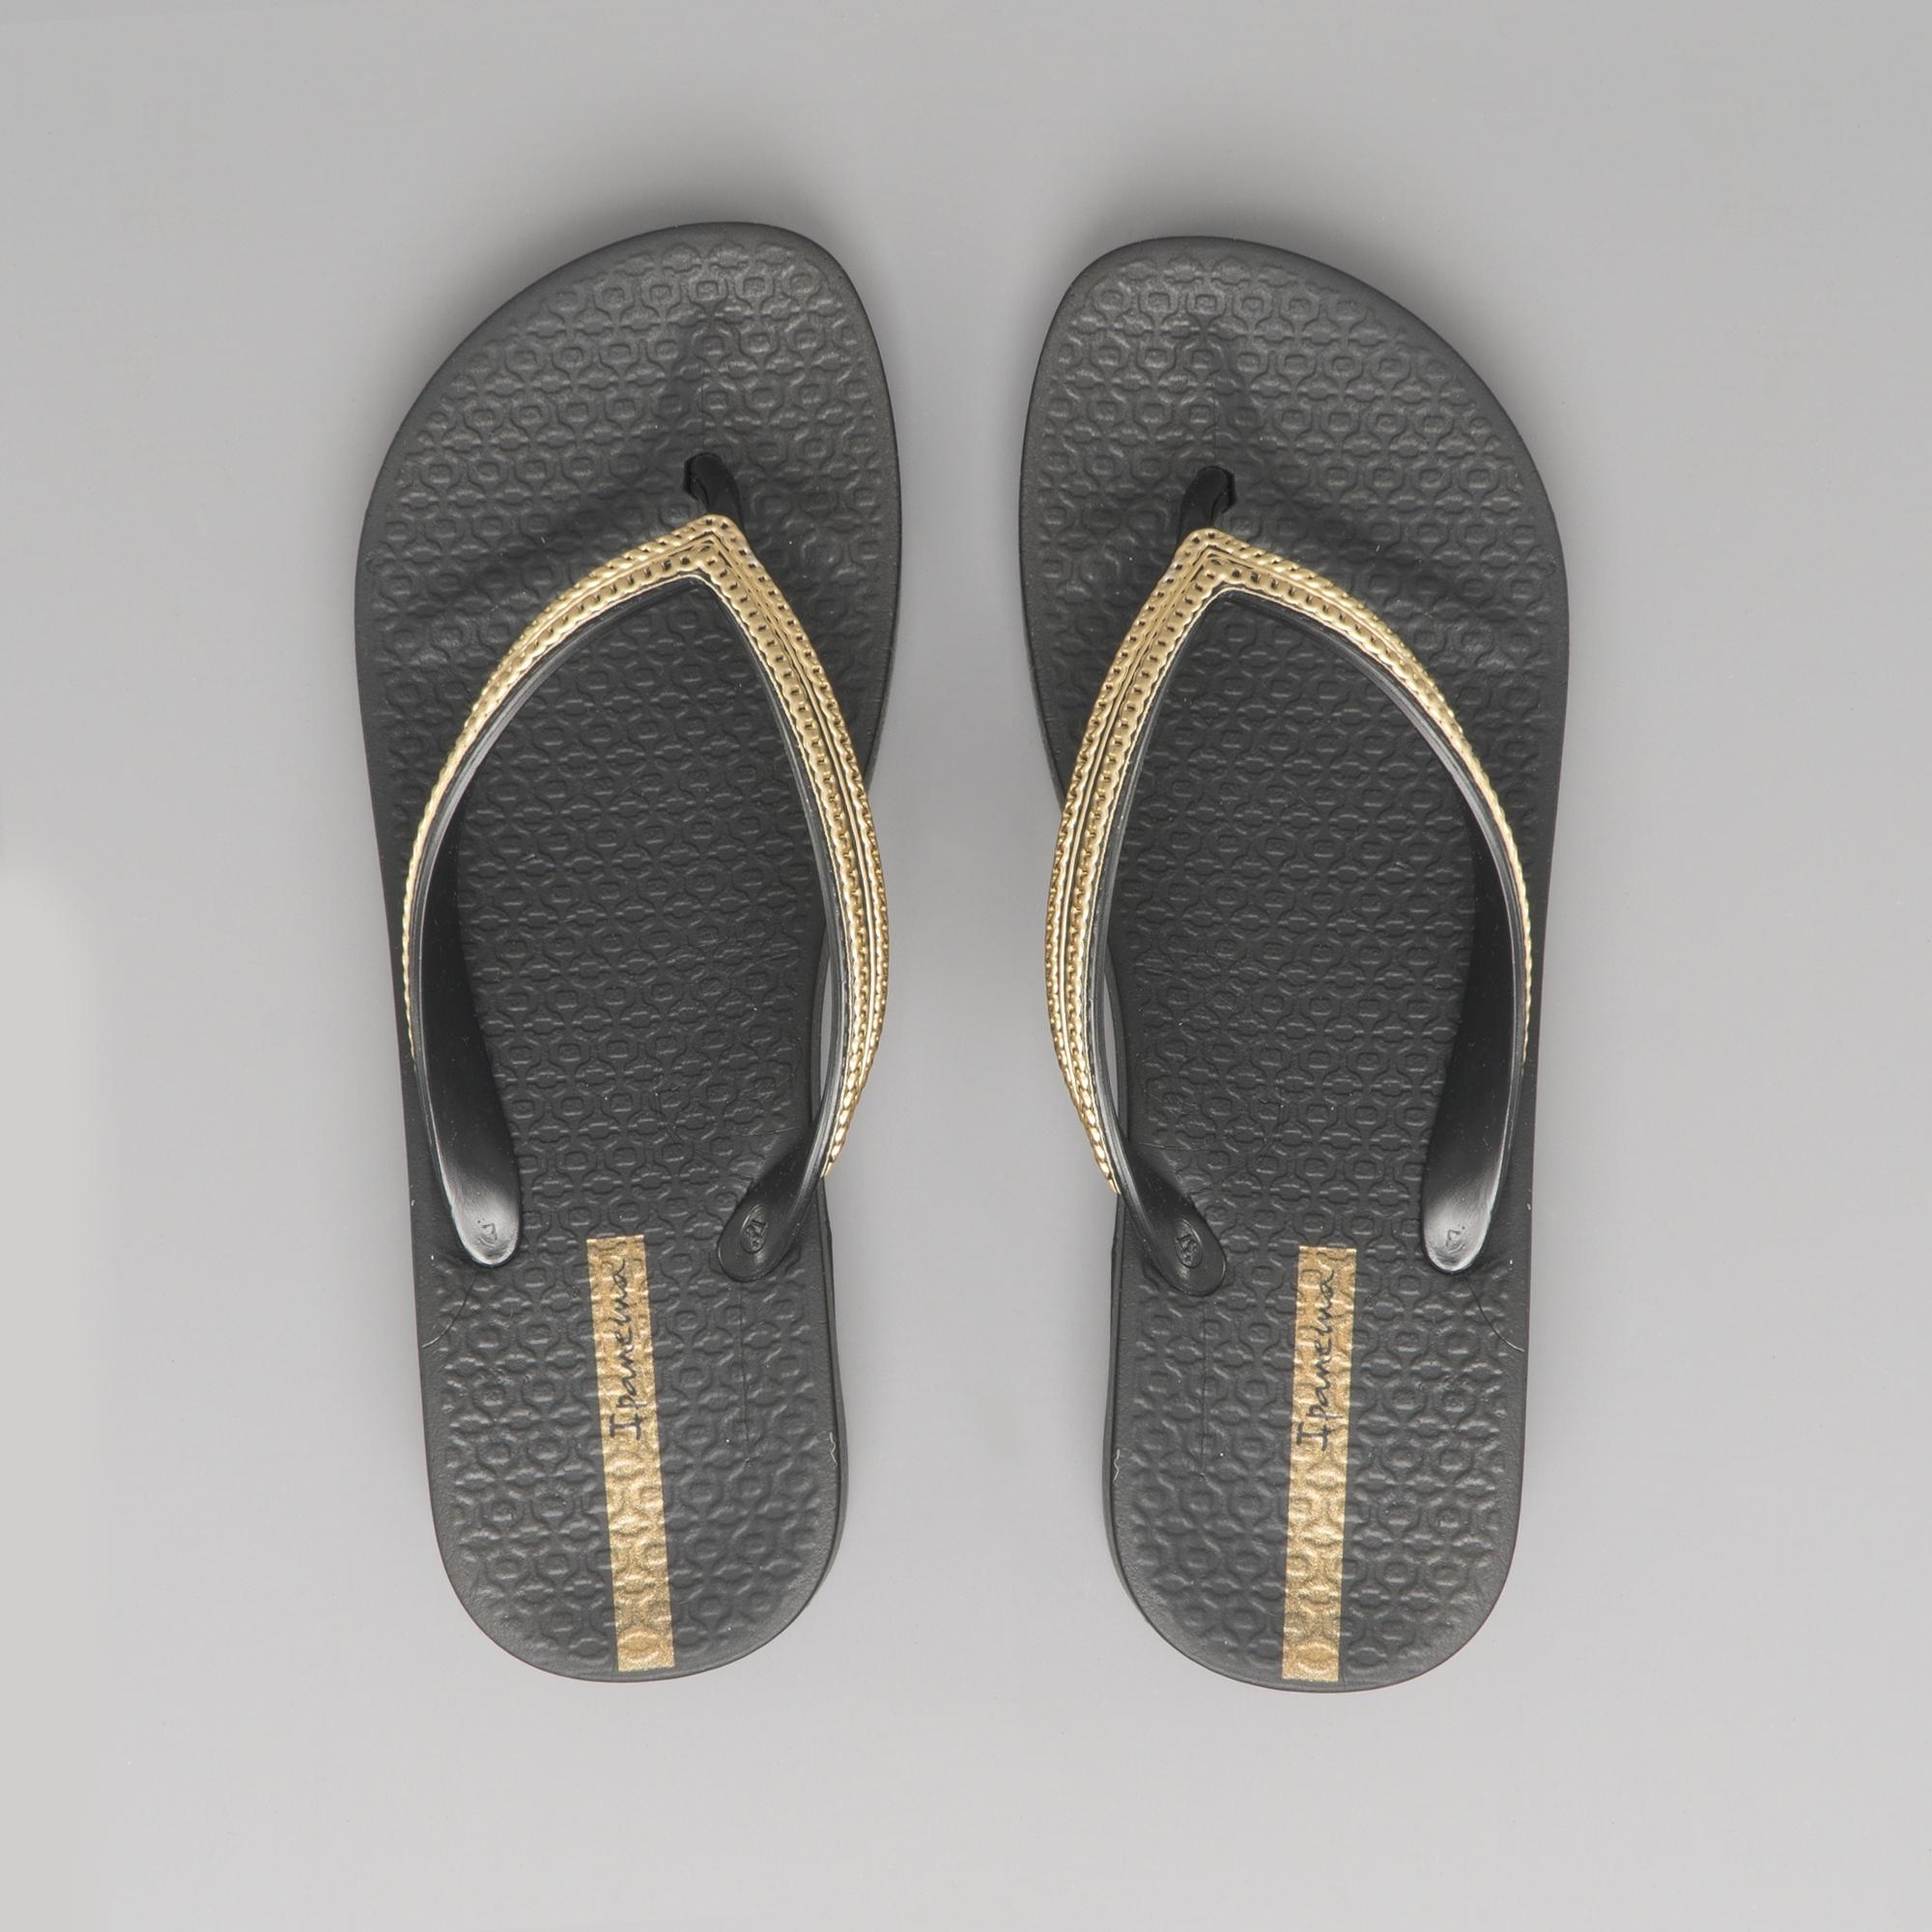 4f6ba1700 Ipanema MESH WEDGE 21 Ladies Wedge Flip Flops Black Gold